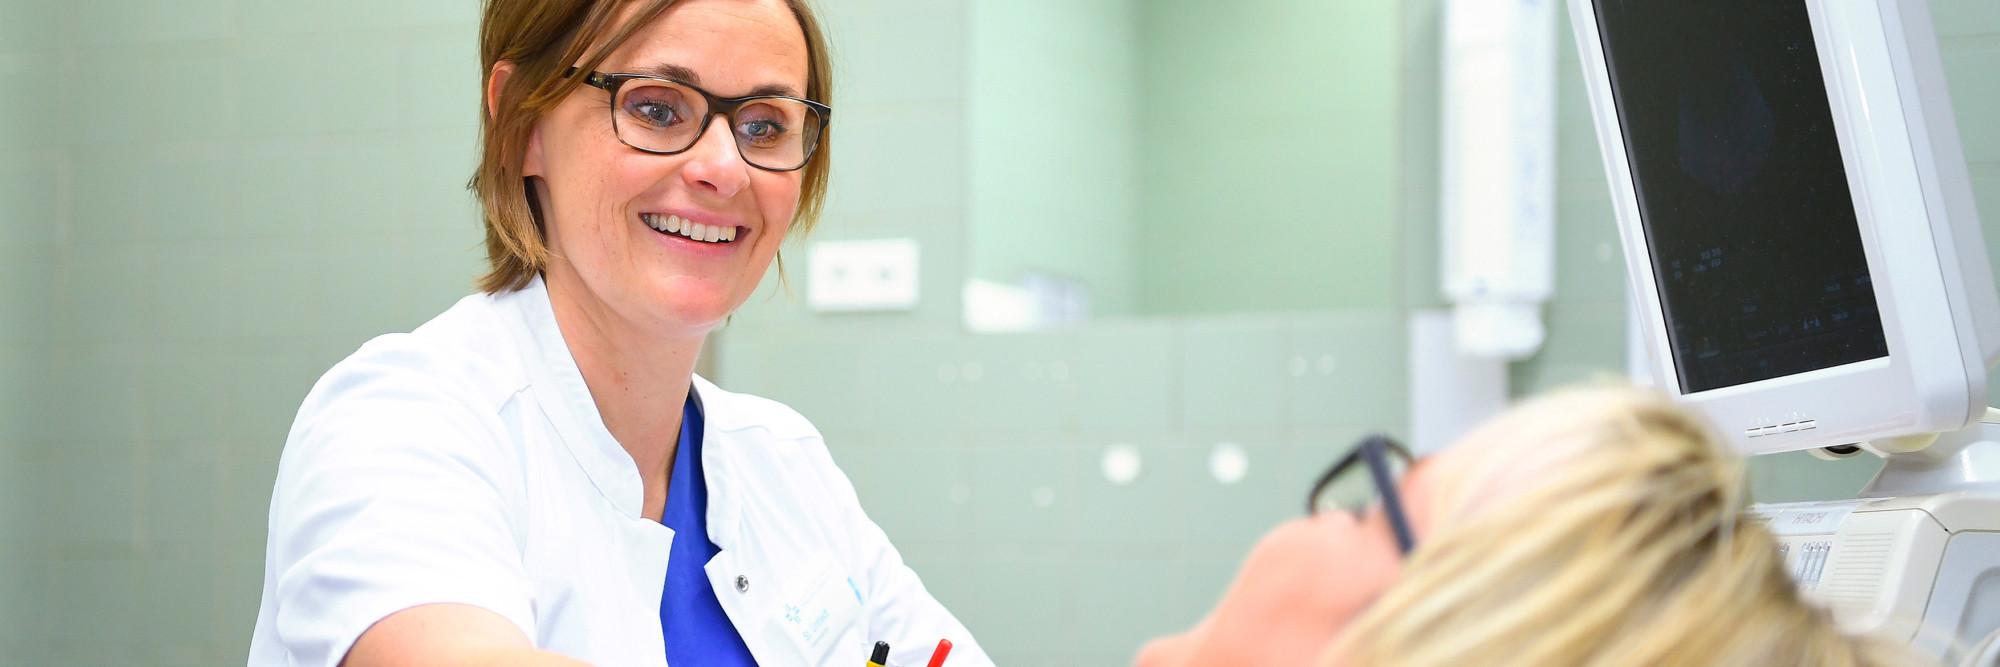 Stefanie Untiedt bei der Untersuchung einer Patientin.